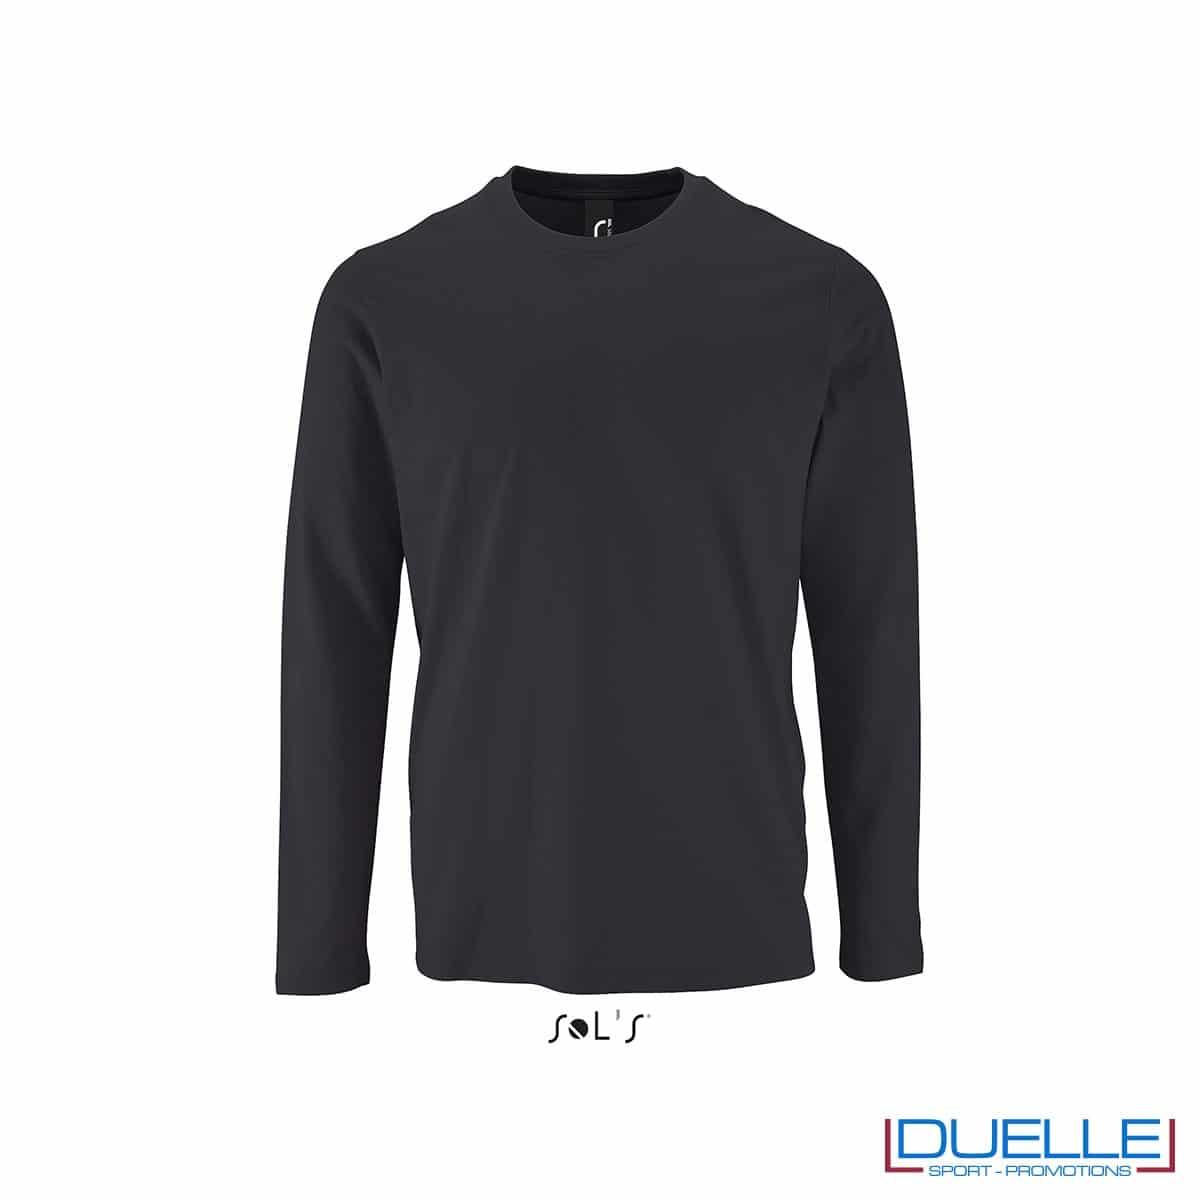 T-shirt manica lunga uomo personalizzata colore grigio topo